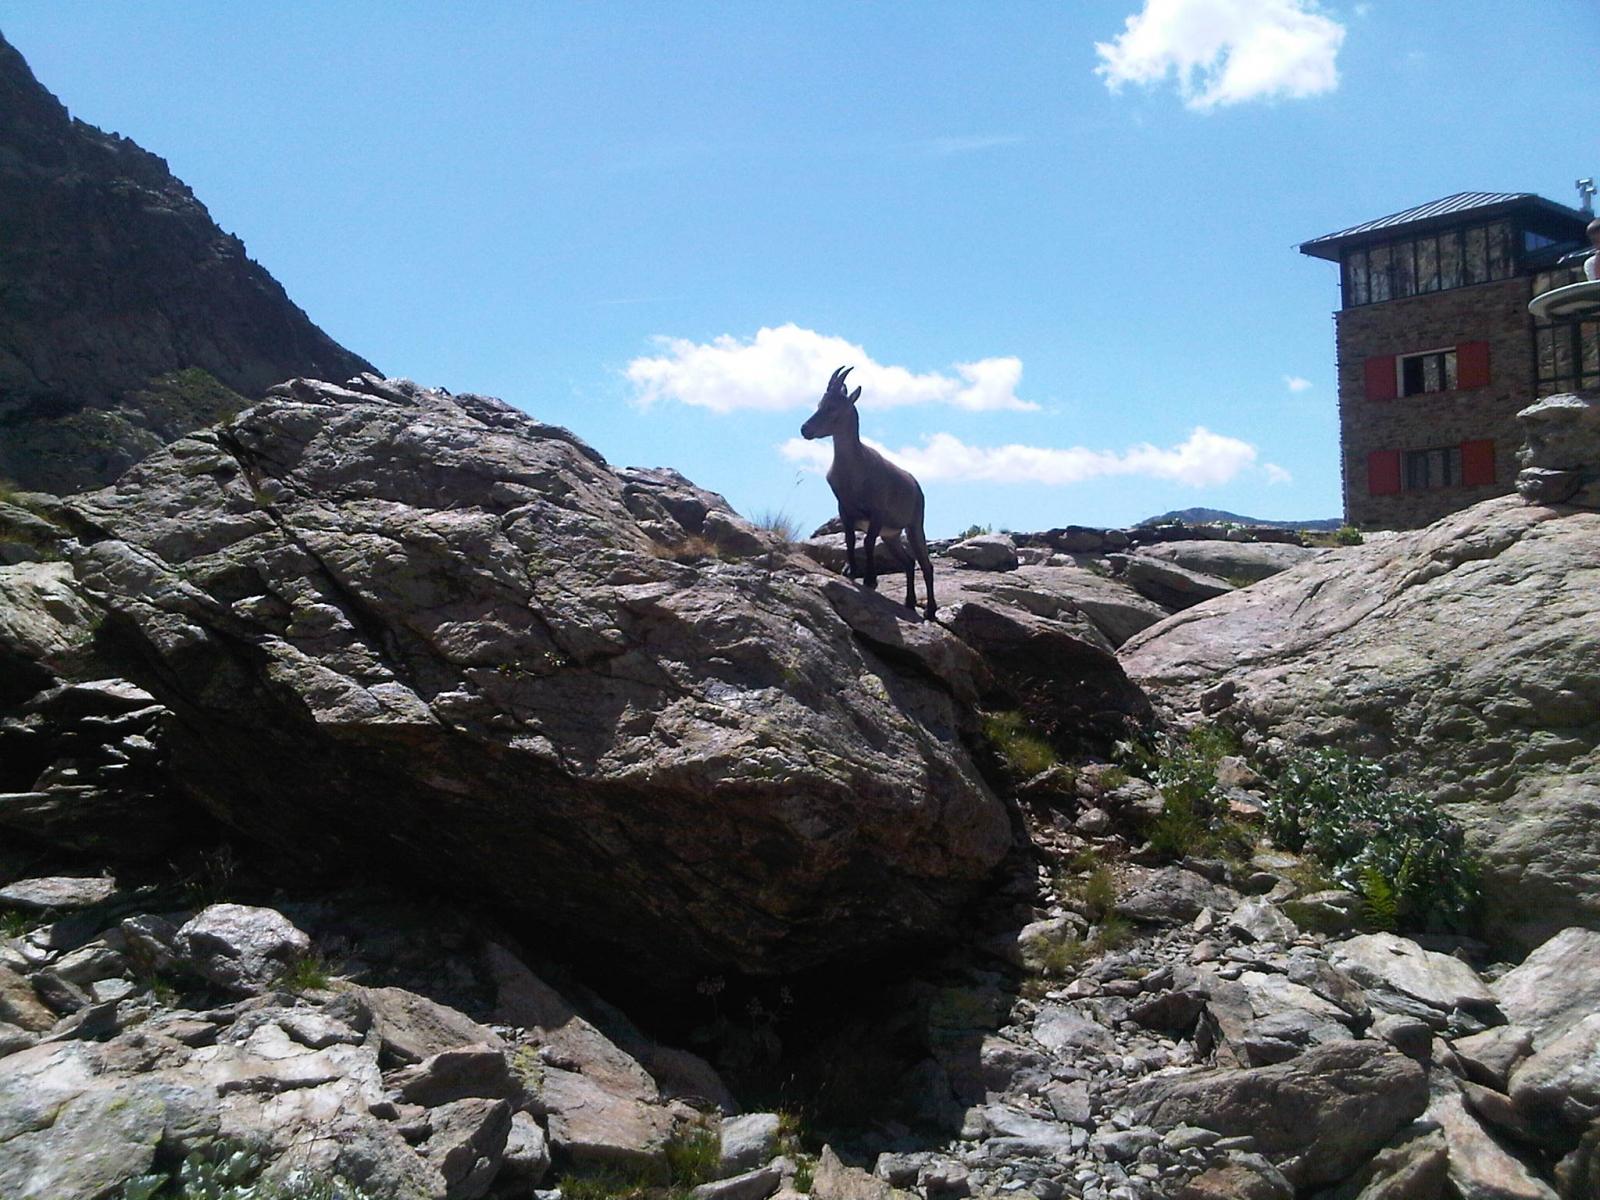 Mte. Argentera 08-11 August 2012 (Photo 11)